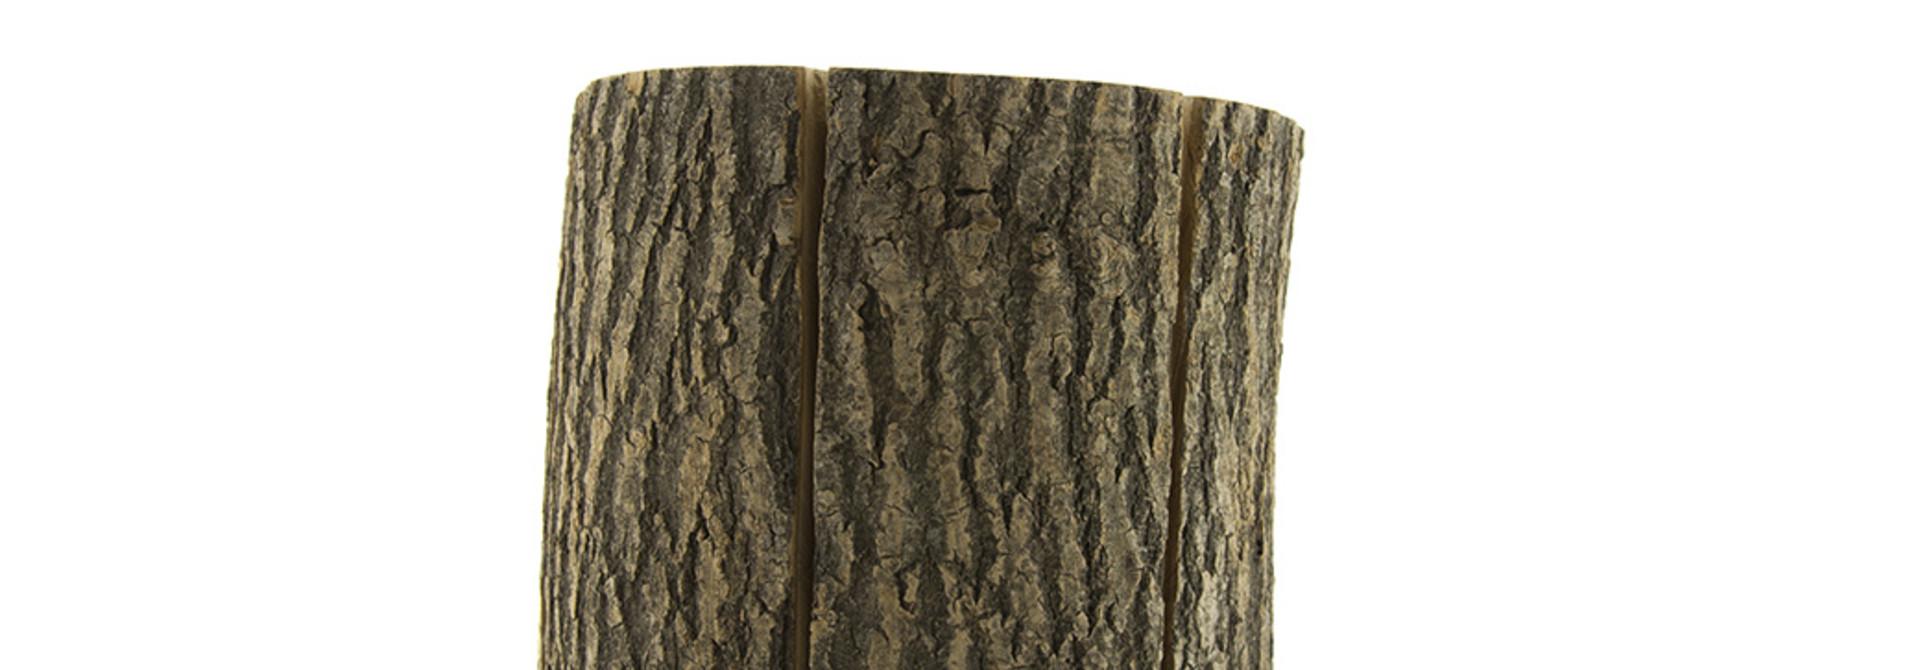 Wood Light - Ash Wood M